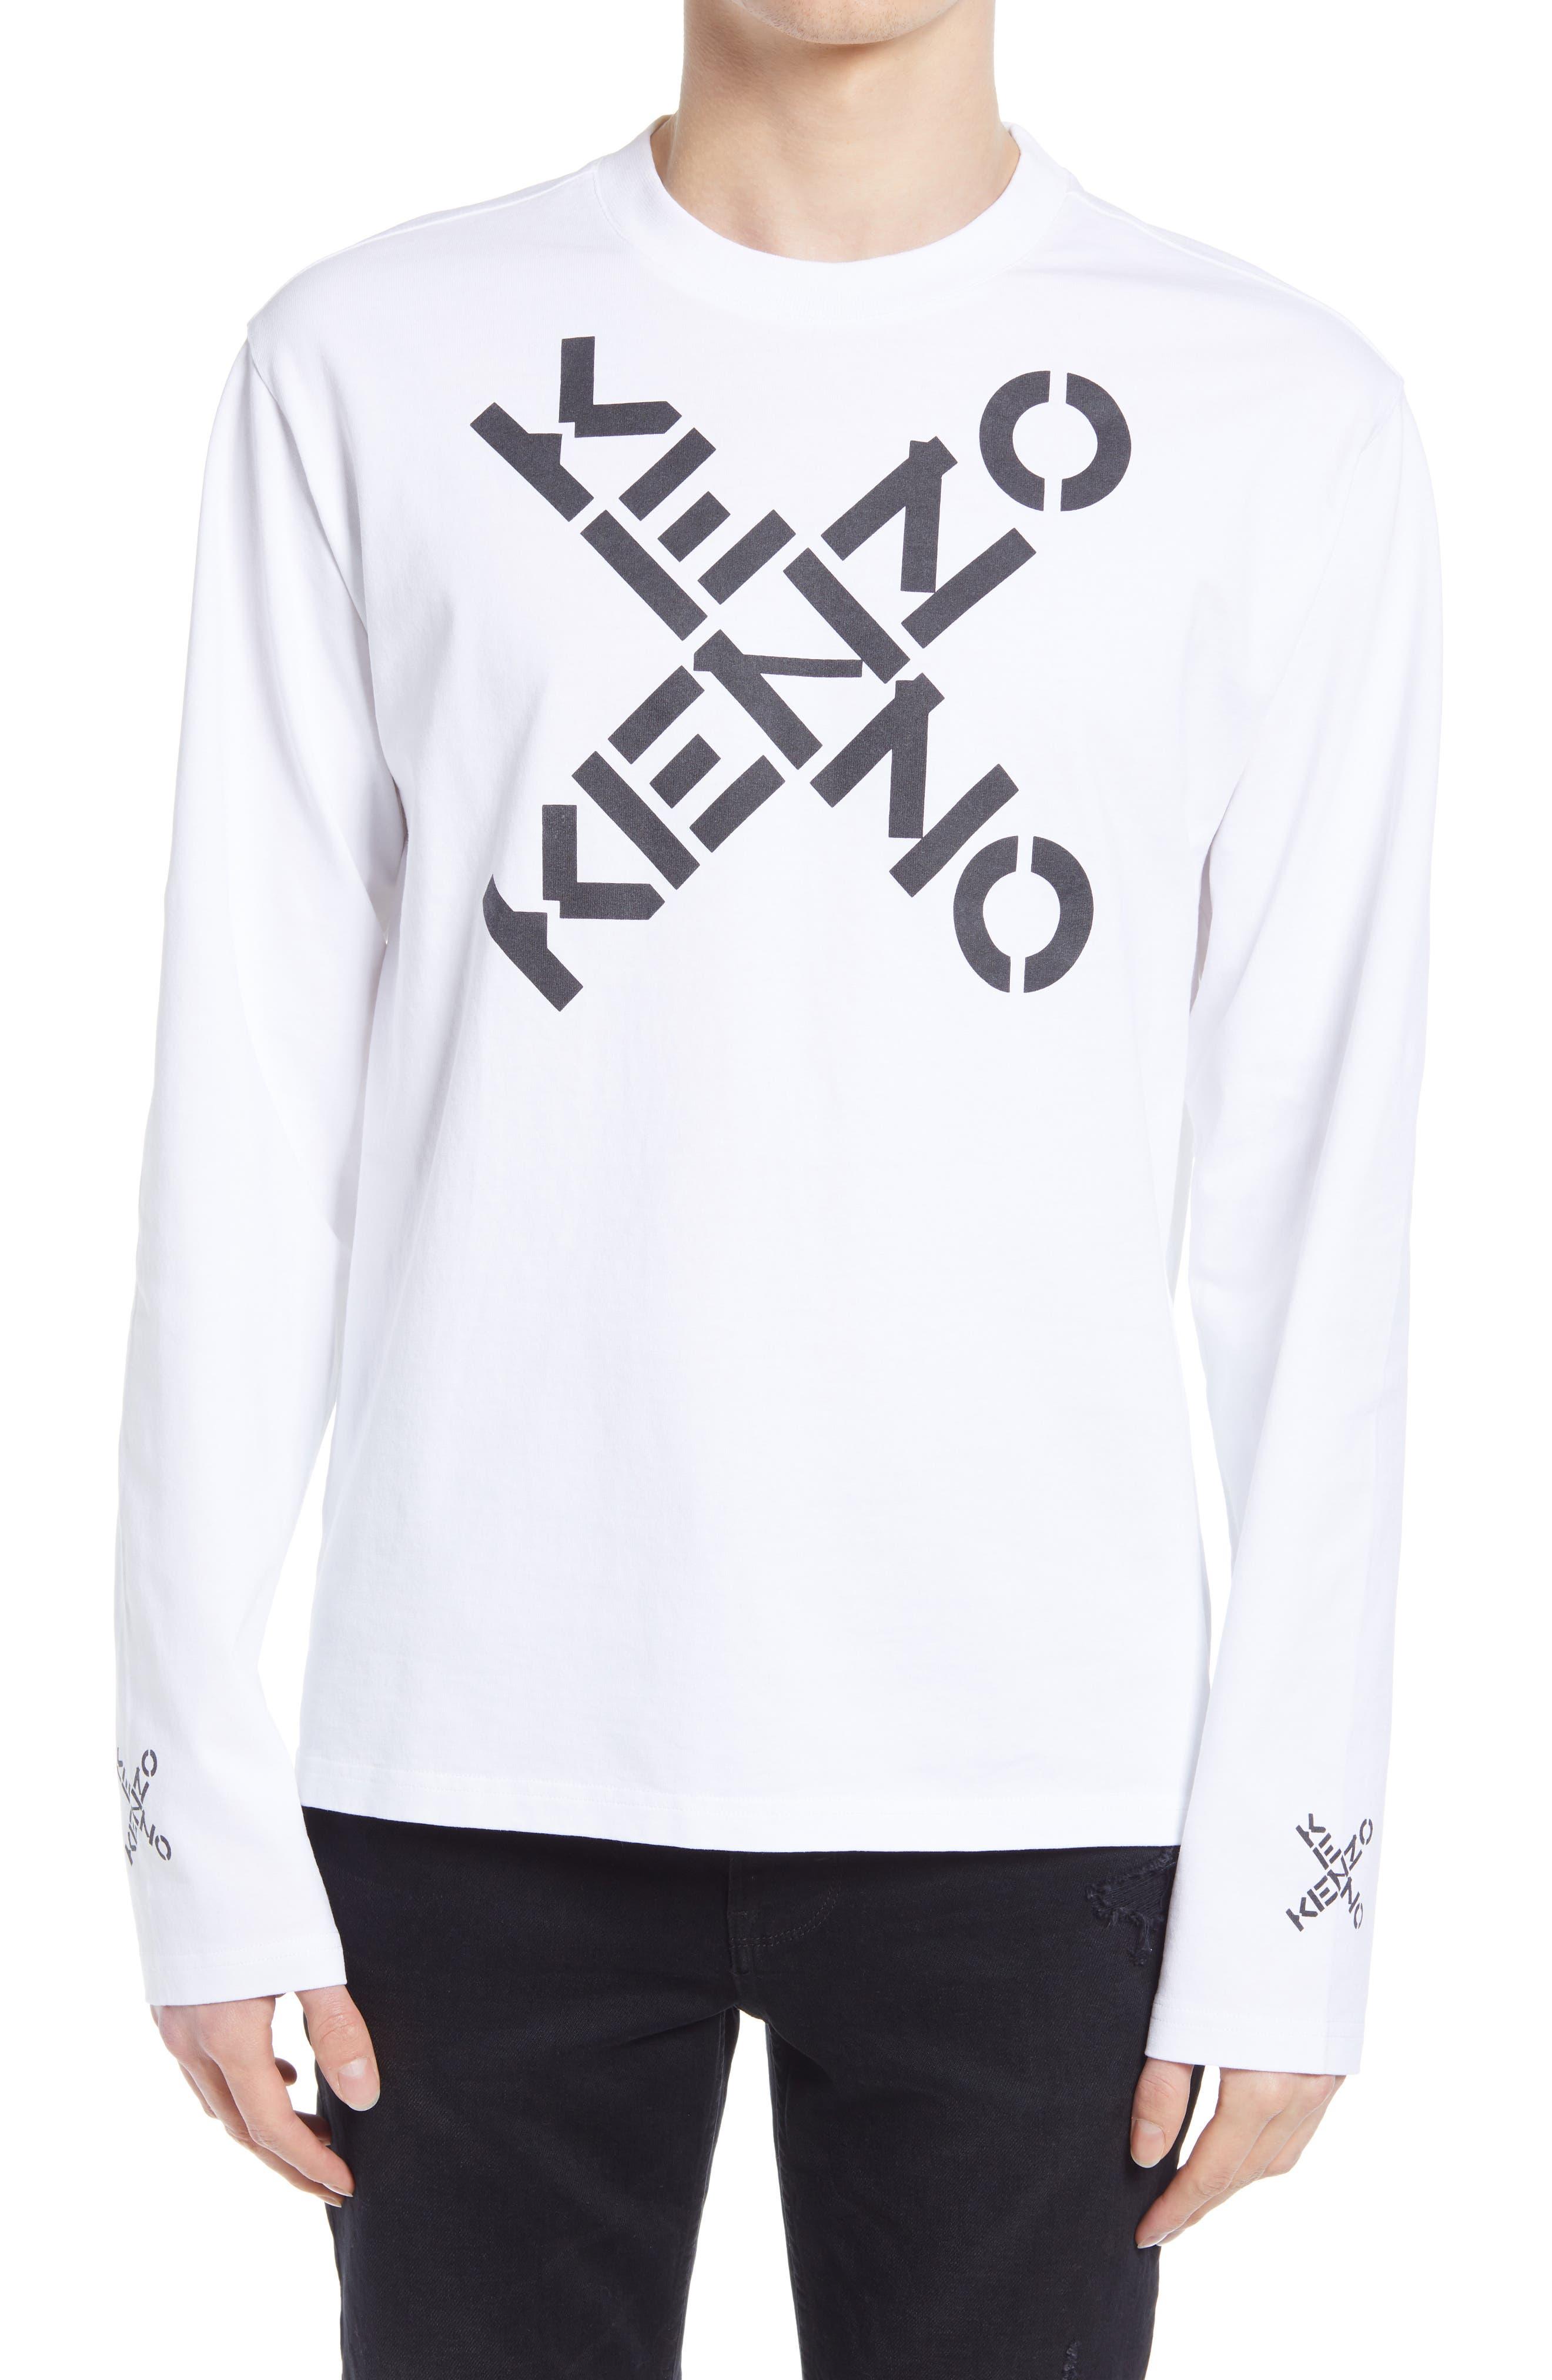 Kenzo Men/'s Multi-Color Graphic Short Sleeve T-Shirt US S M L